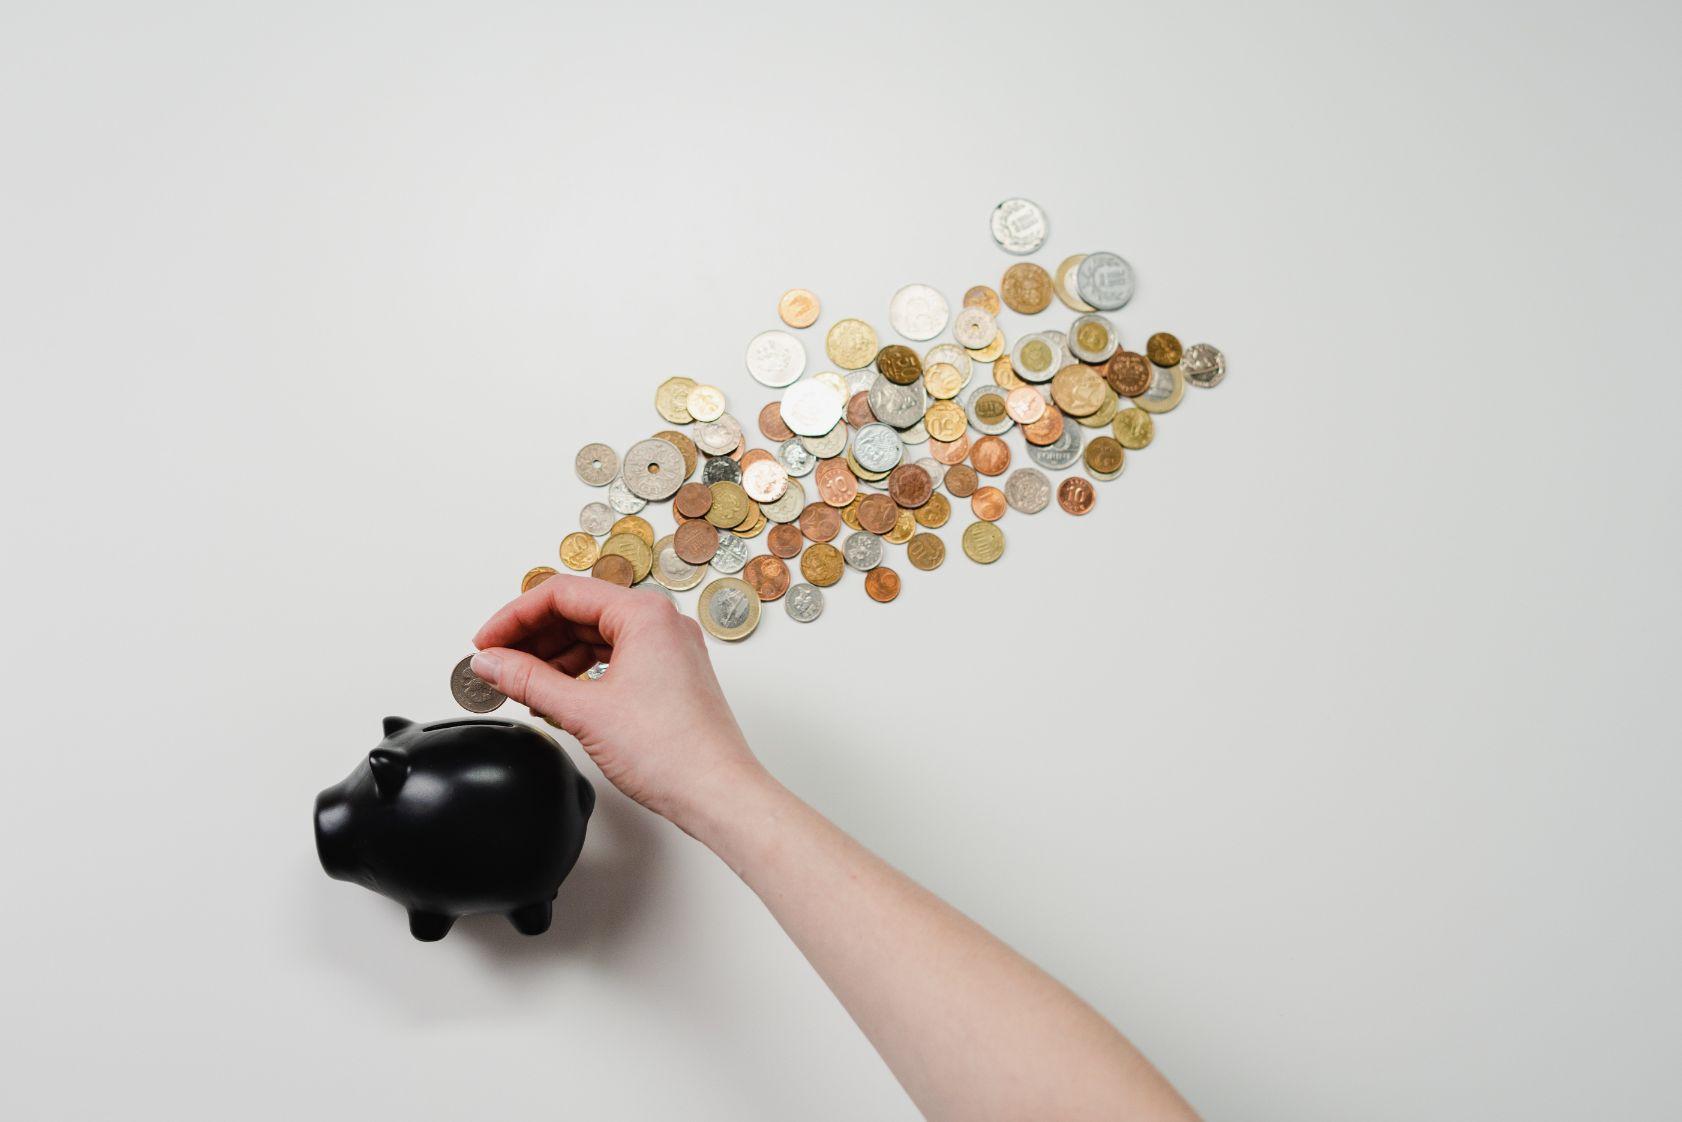 Piata de capital - ghidul care te va ajuta sa intelegi ce este si la ce foloseste